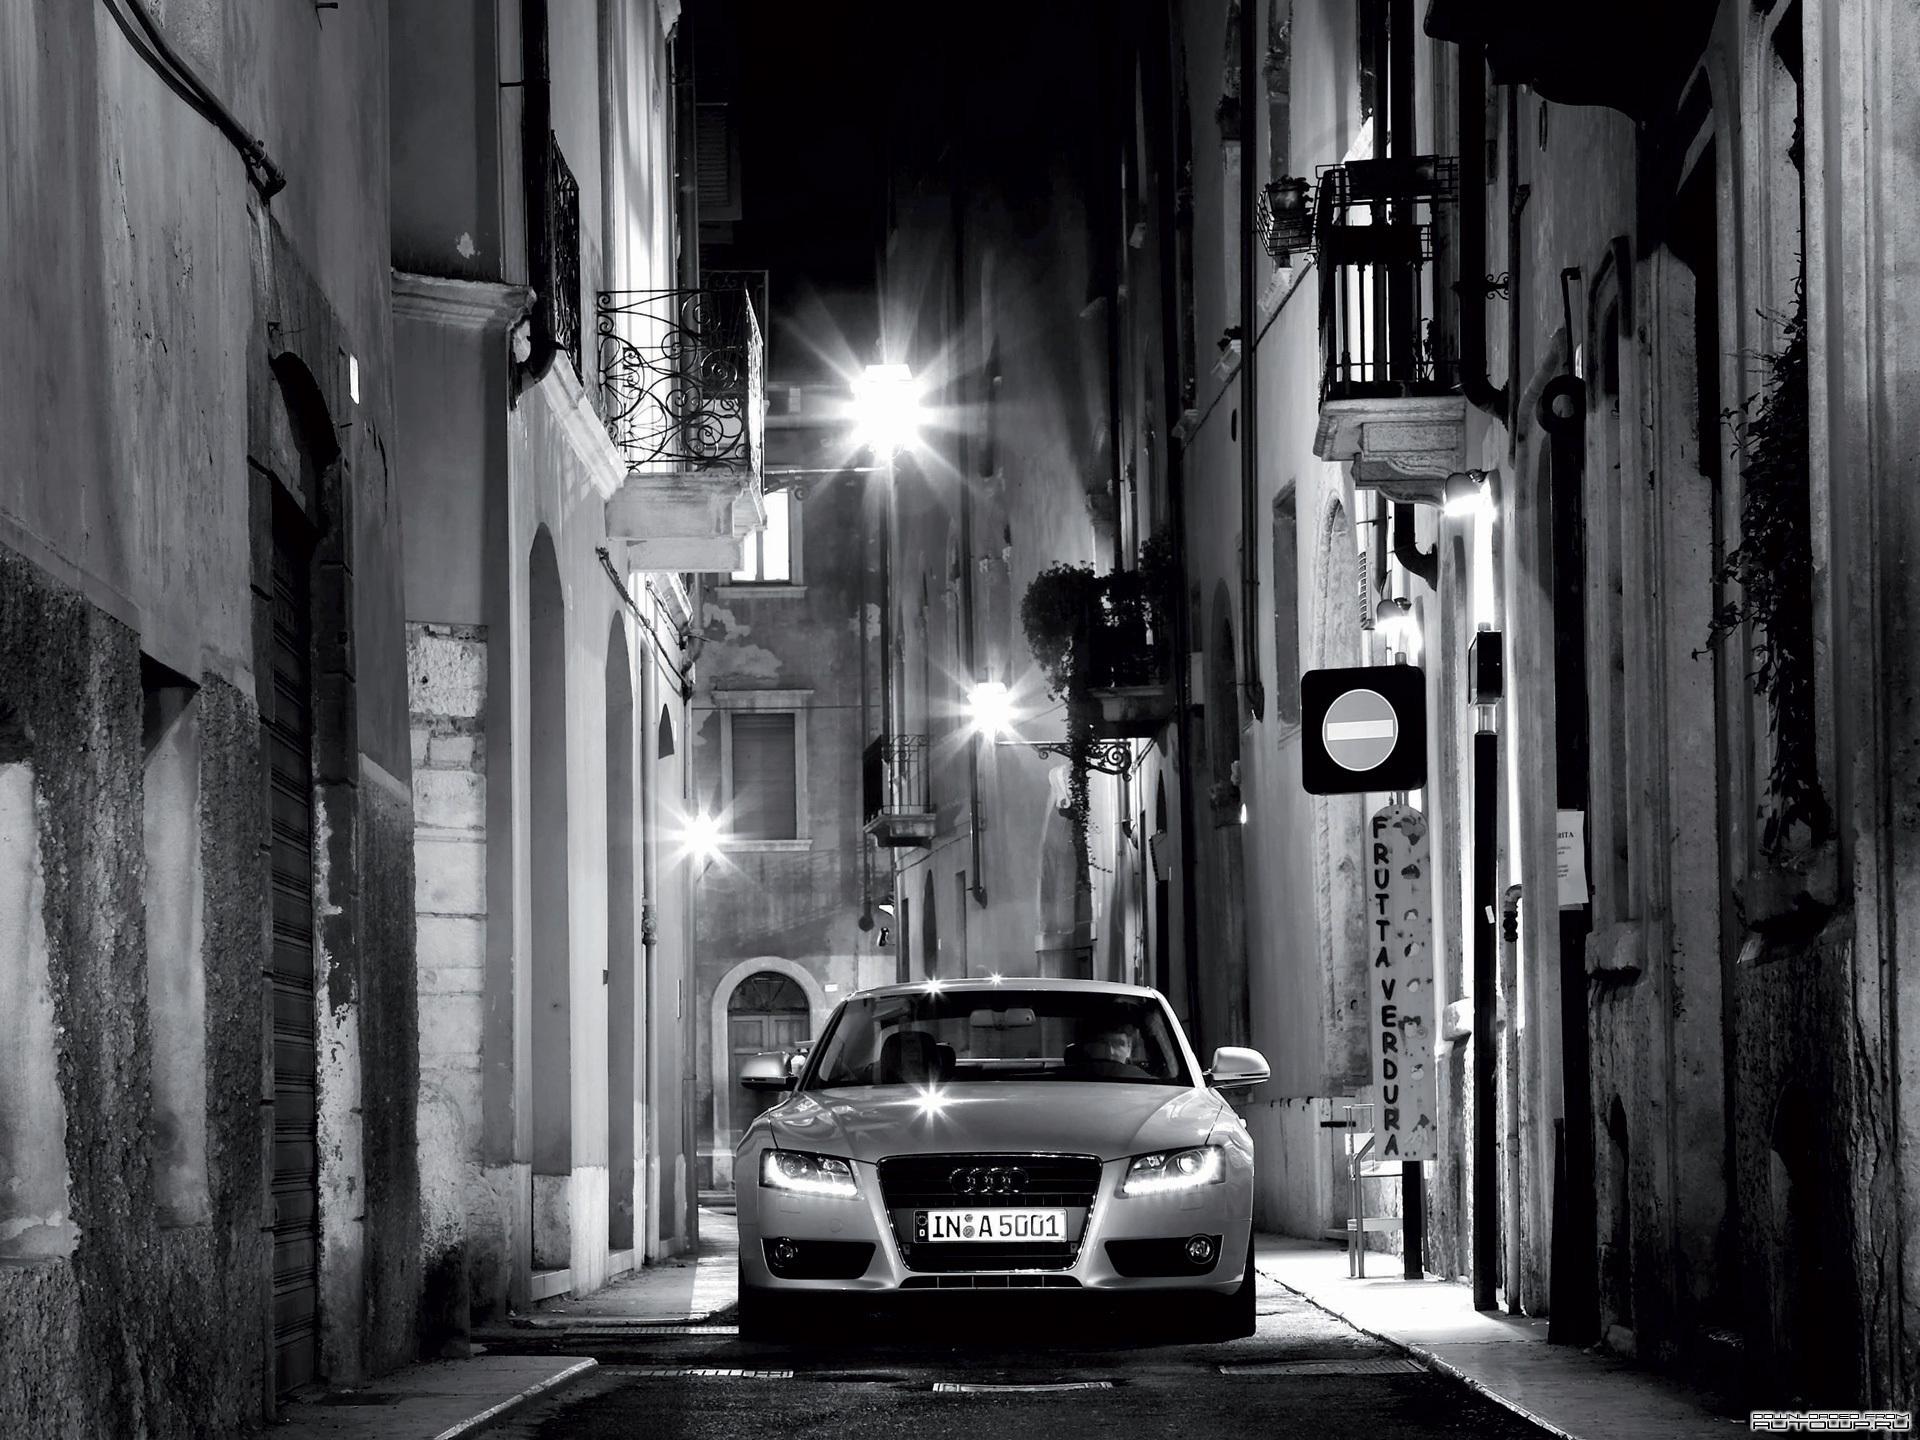 6722 скачать обои Транспорт, Машины, Улицы, Ауди (Audi) - заставки и картинки бесплатно